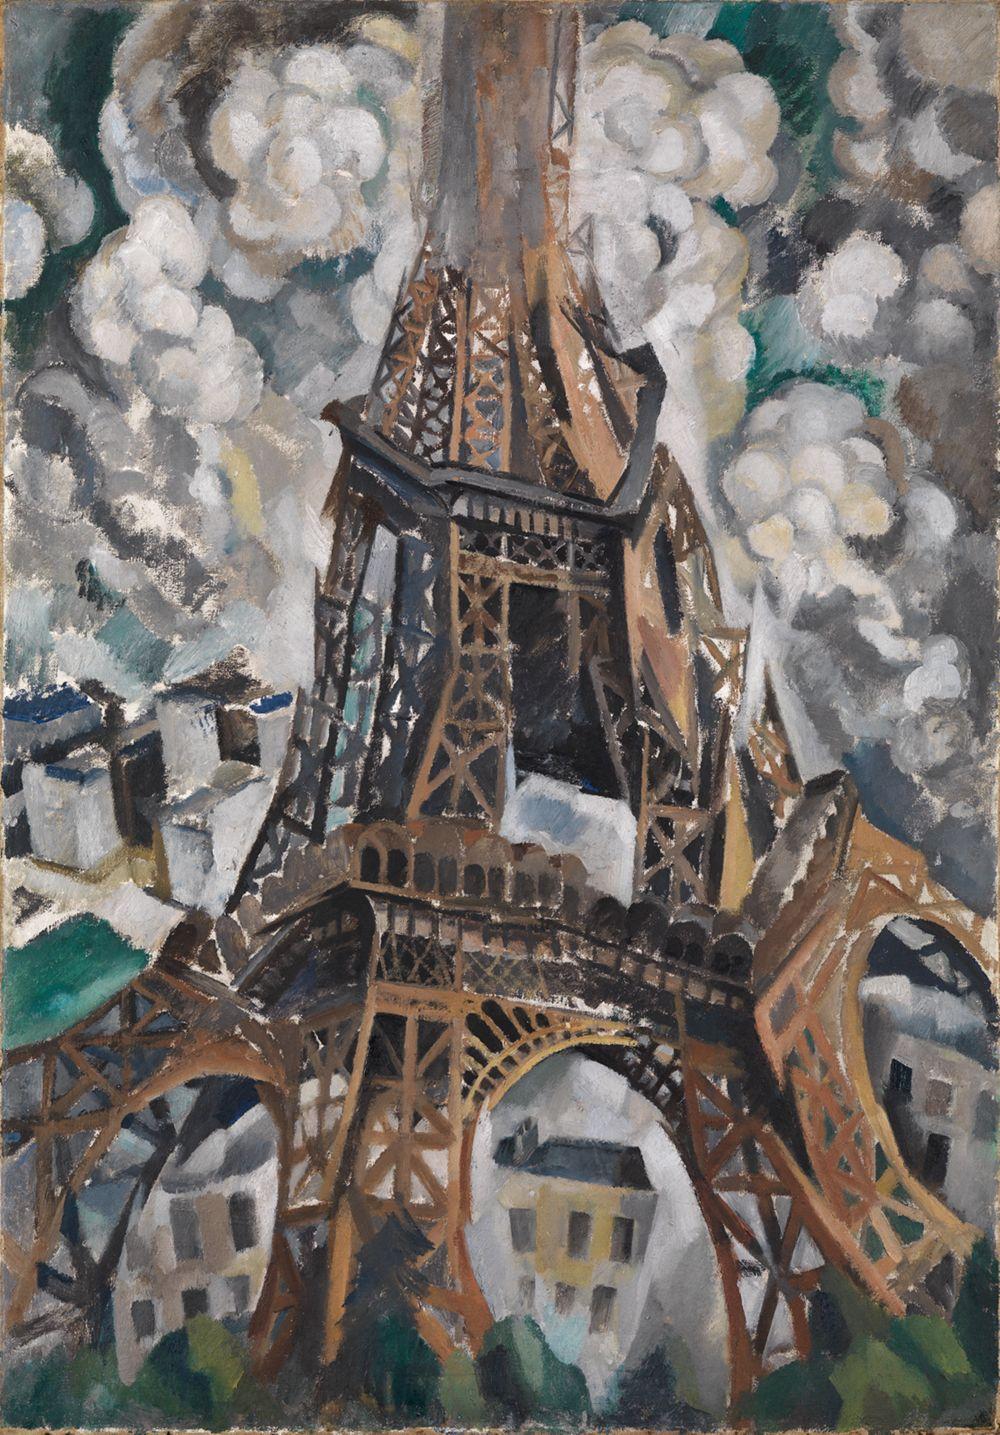 Der Eiffel-Turm